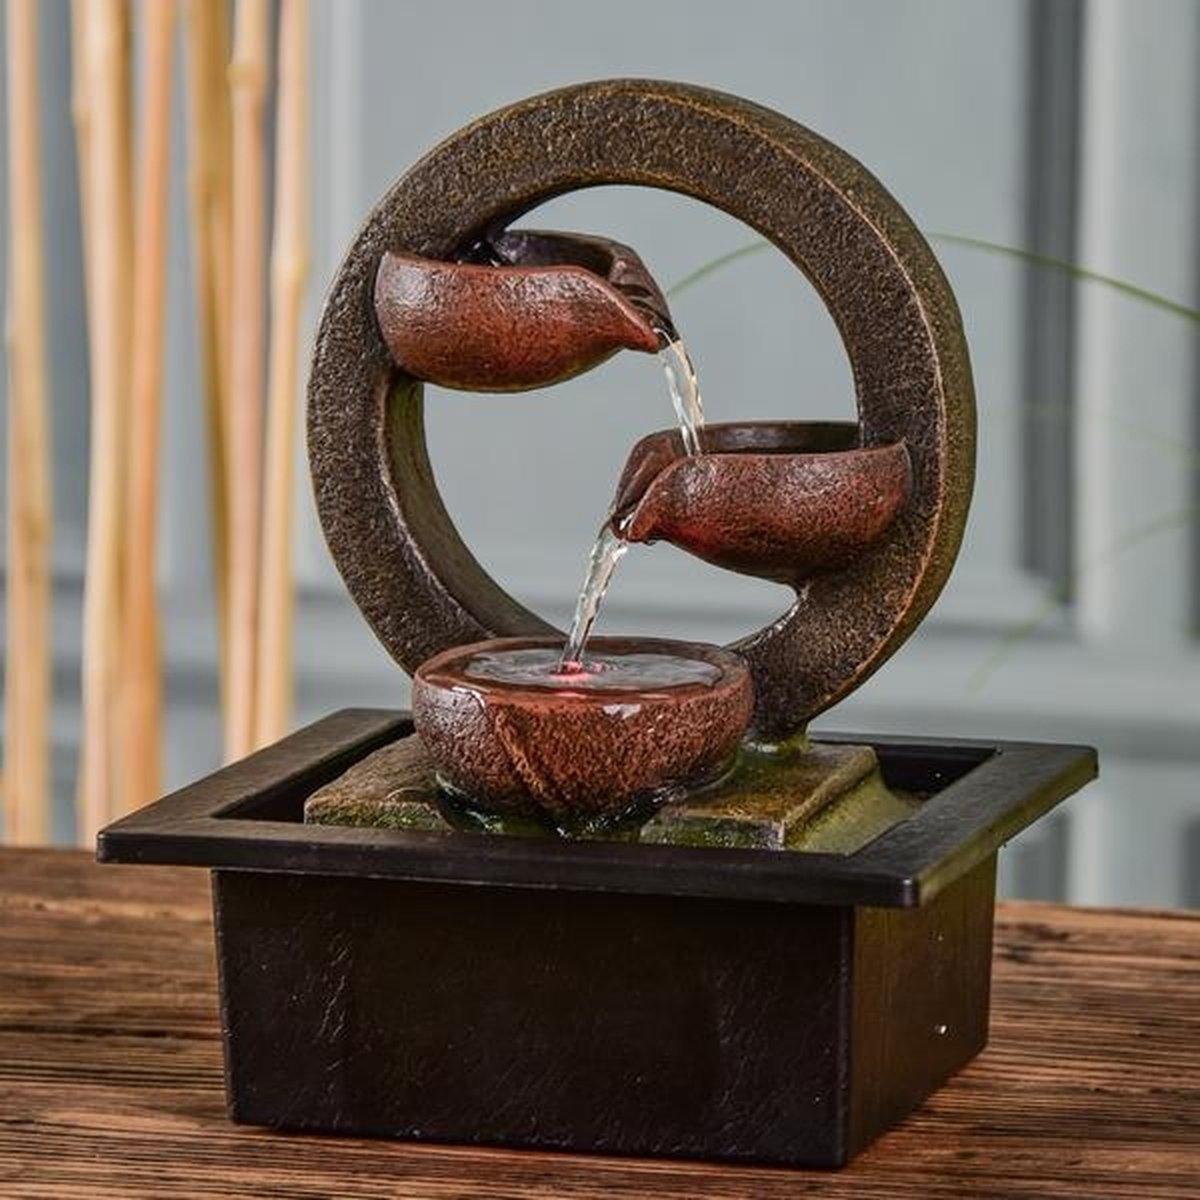 Zen Terai Relax - kamerfontein - fontein voor binnen - waterornament - binnenfontein - met ledverlichting